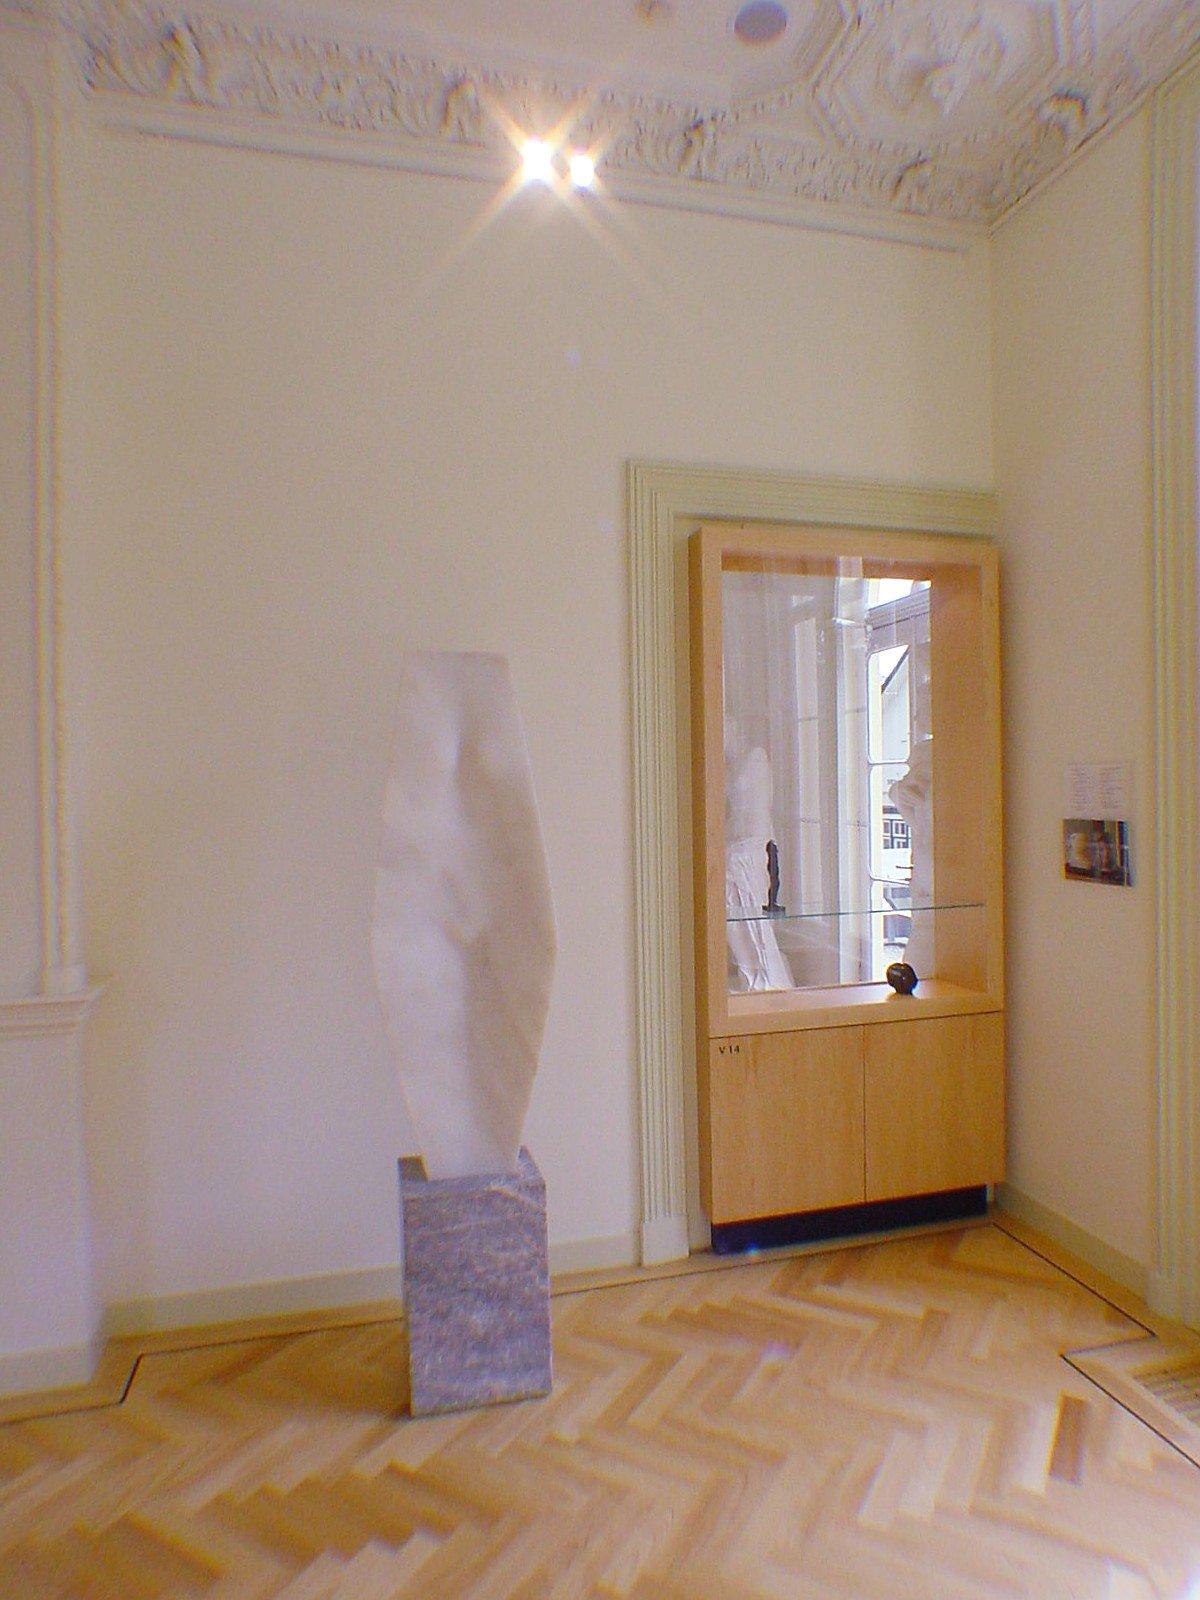 Inrichting museum Het Depot: vitrines, kasten en diverse meubelen